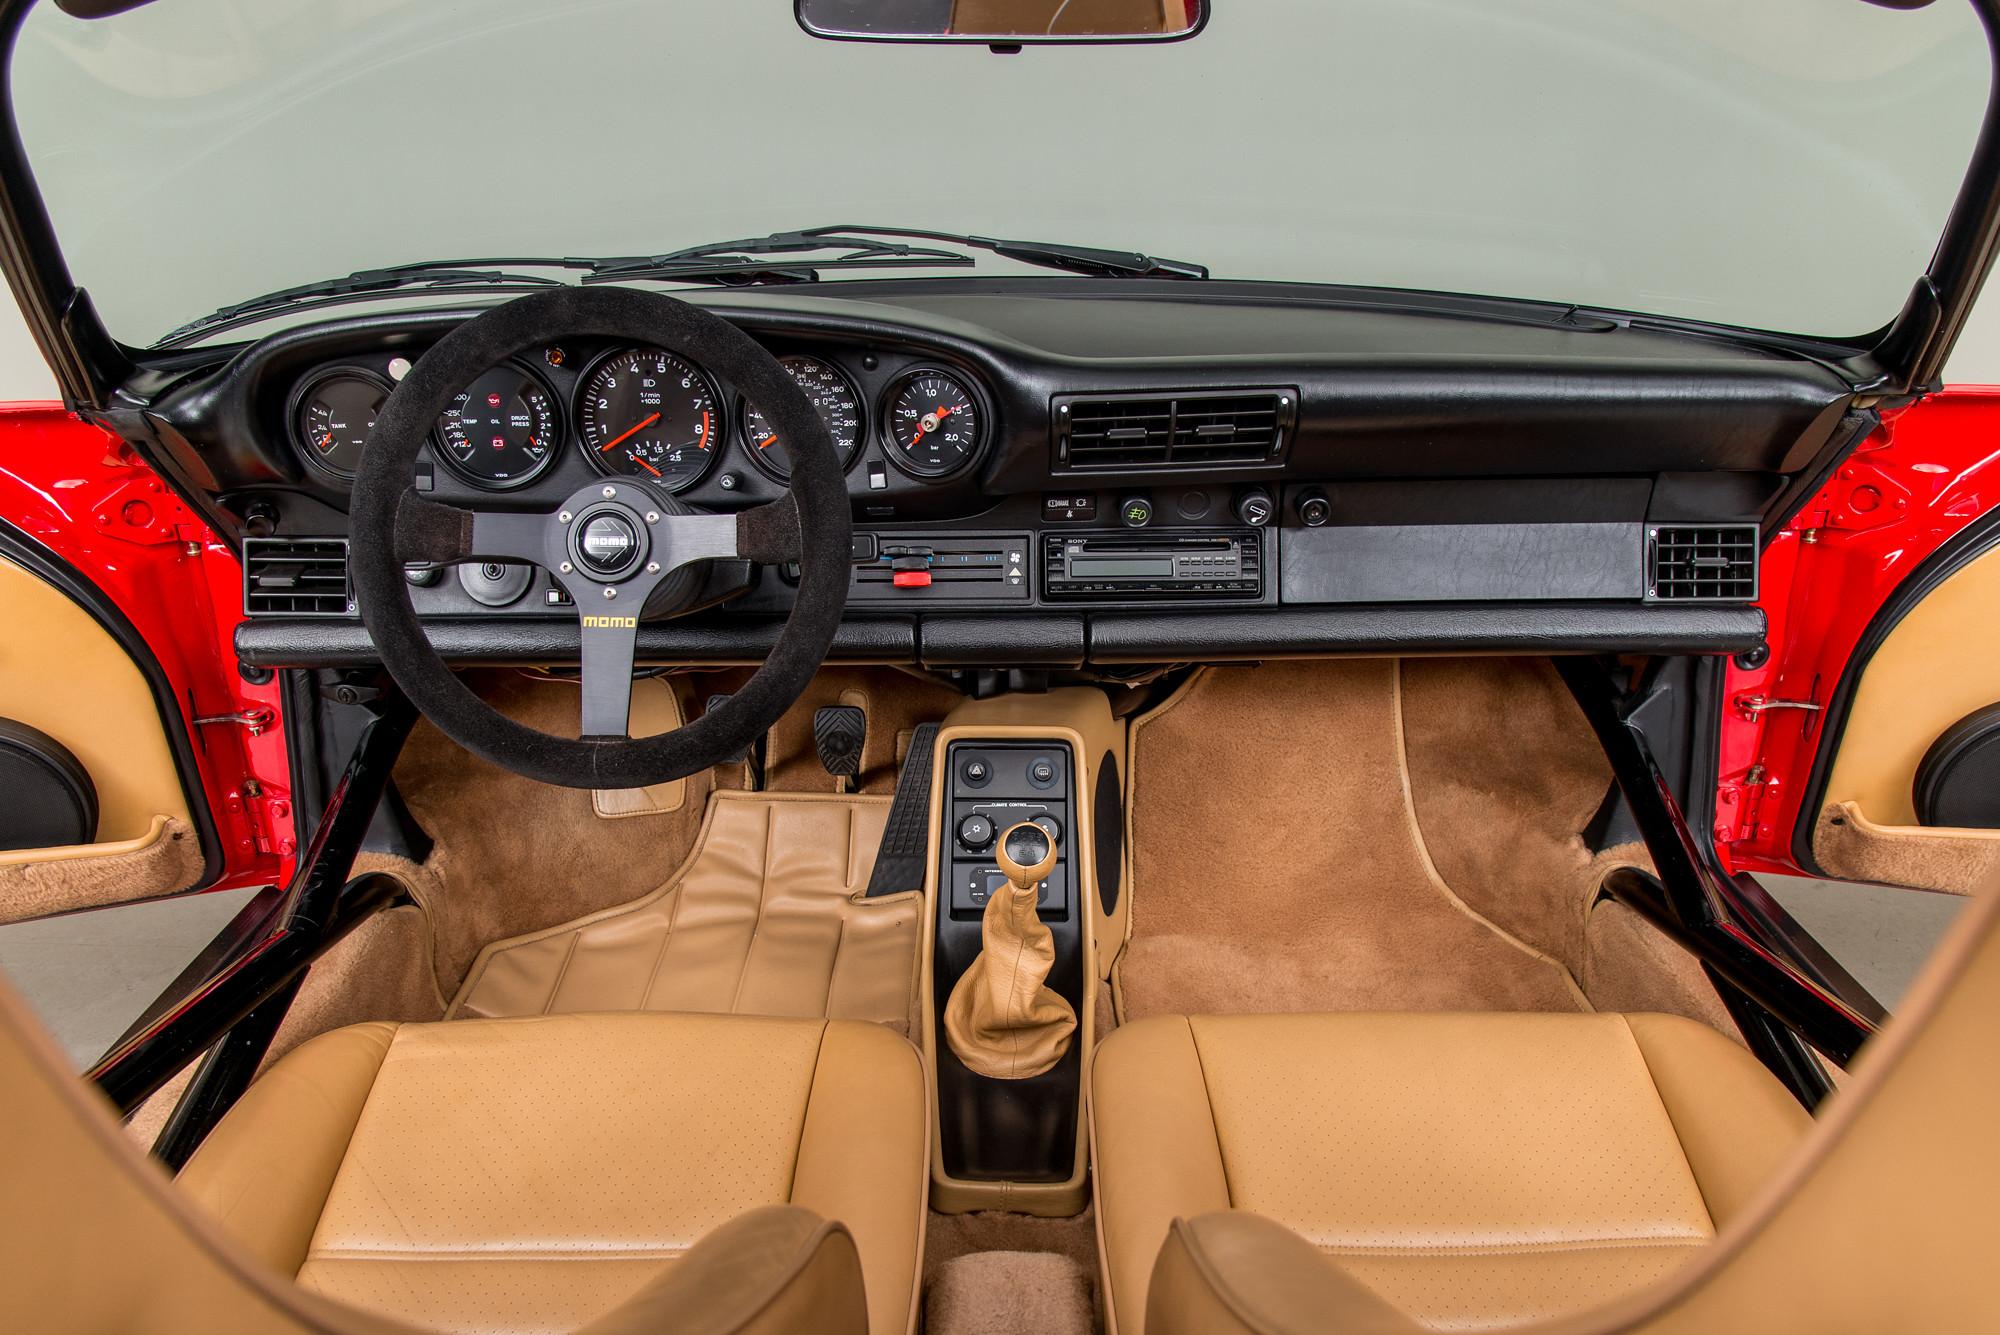 1989 Porsche 962 Twin-Turbo Speedster Interior